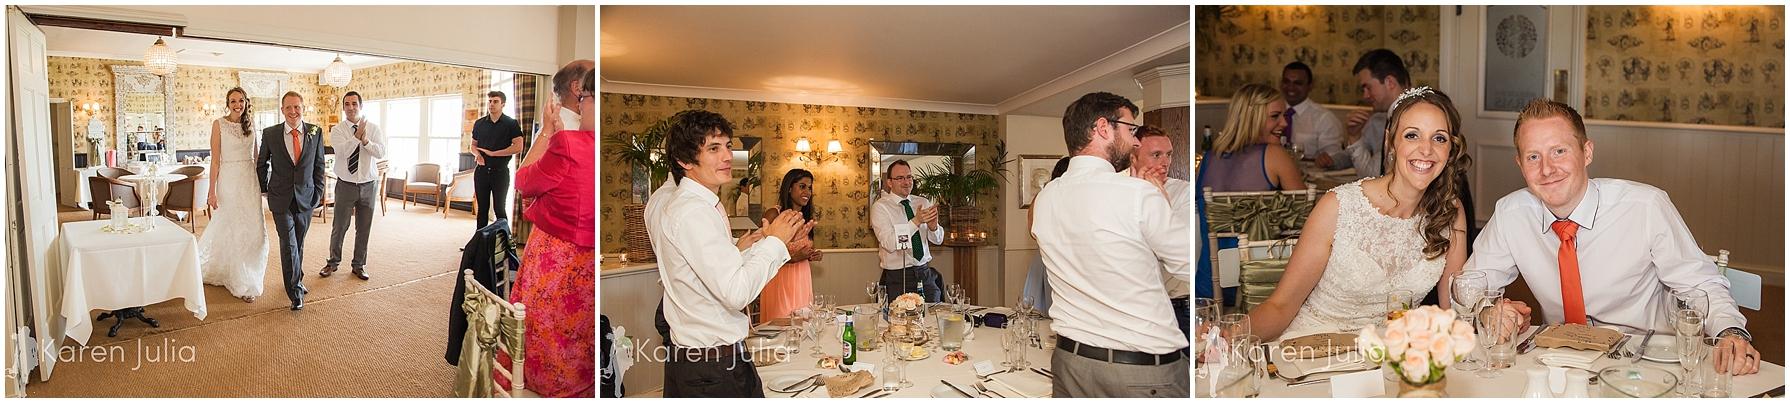 Shireburn-Arms-Wedding-Photography-37